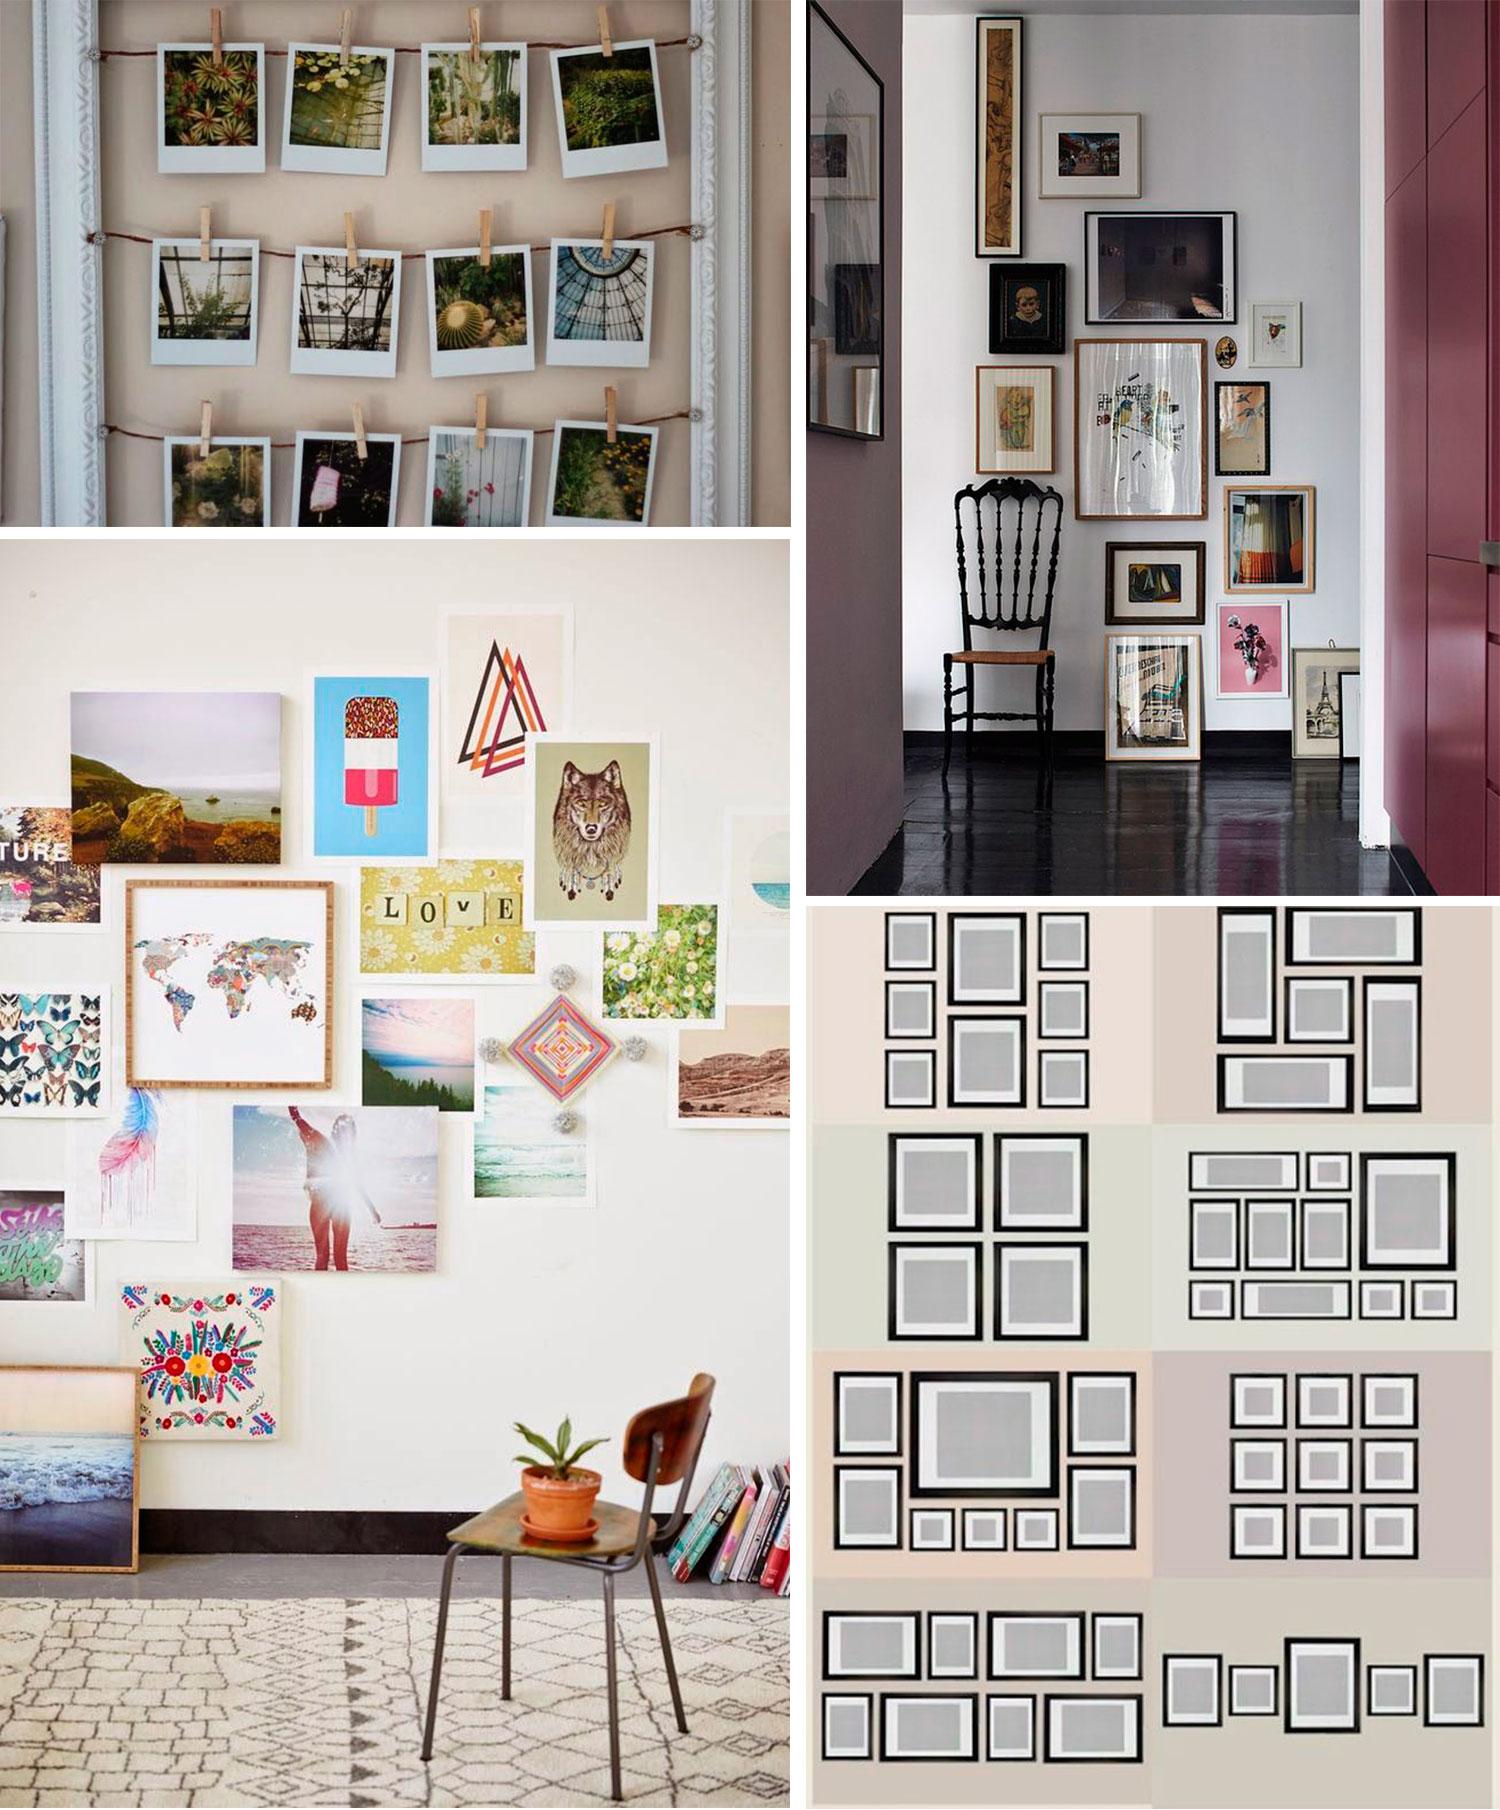 Compo3_cuadros-pared-composicion-fotografias-arte